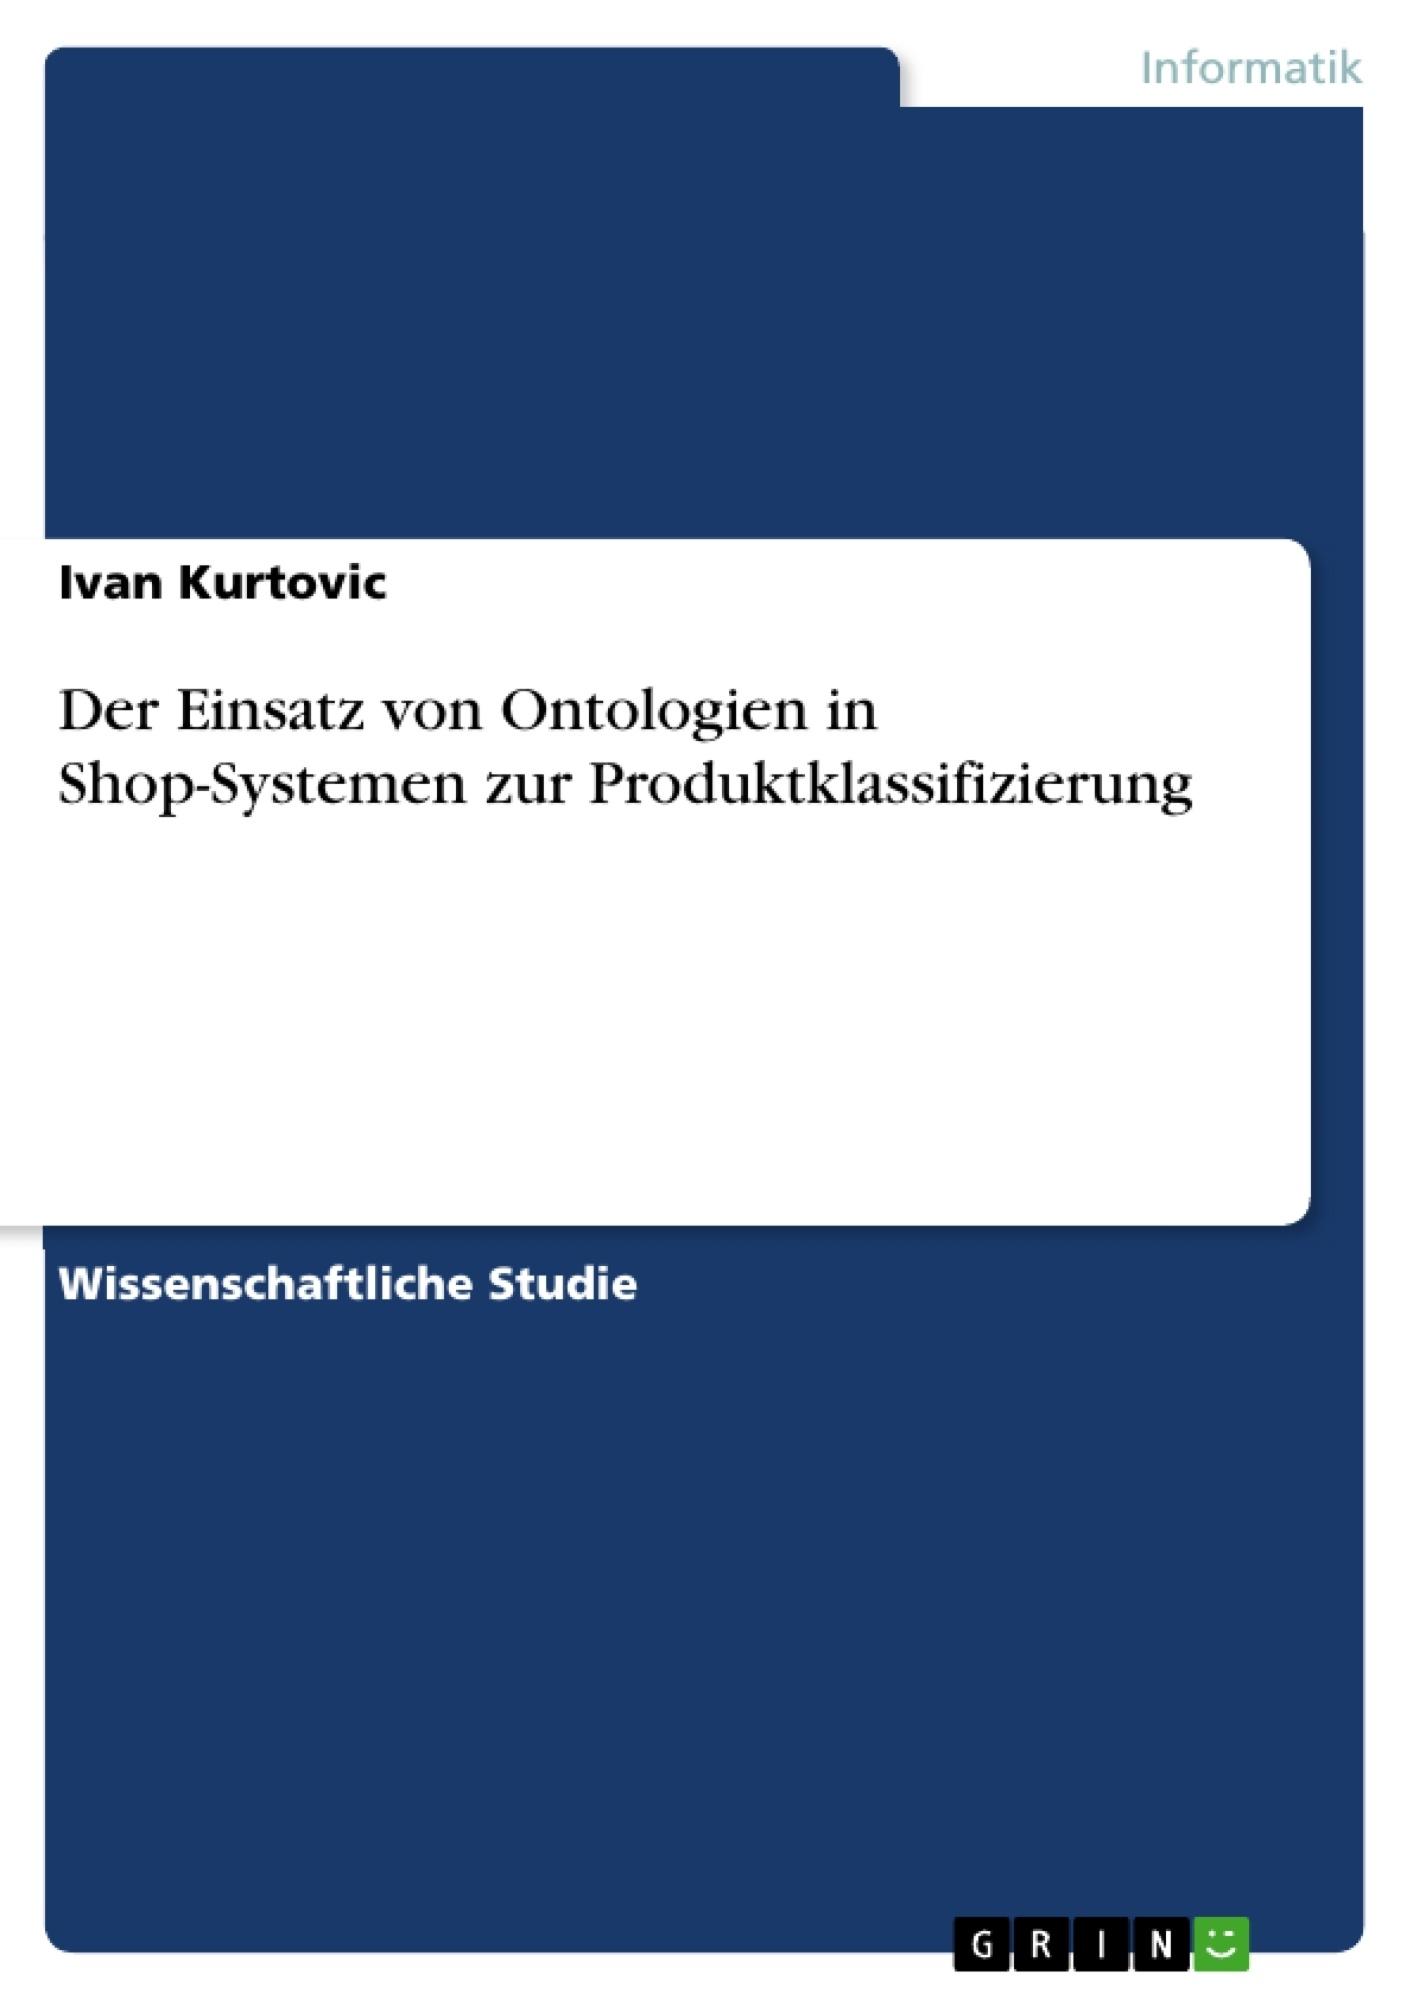 Titel: Der Einsatz von Ontologien in Shop-Systemen zur Produktklassifizierung